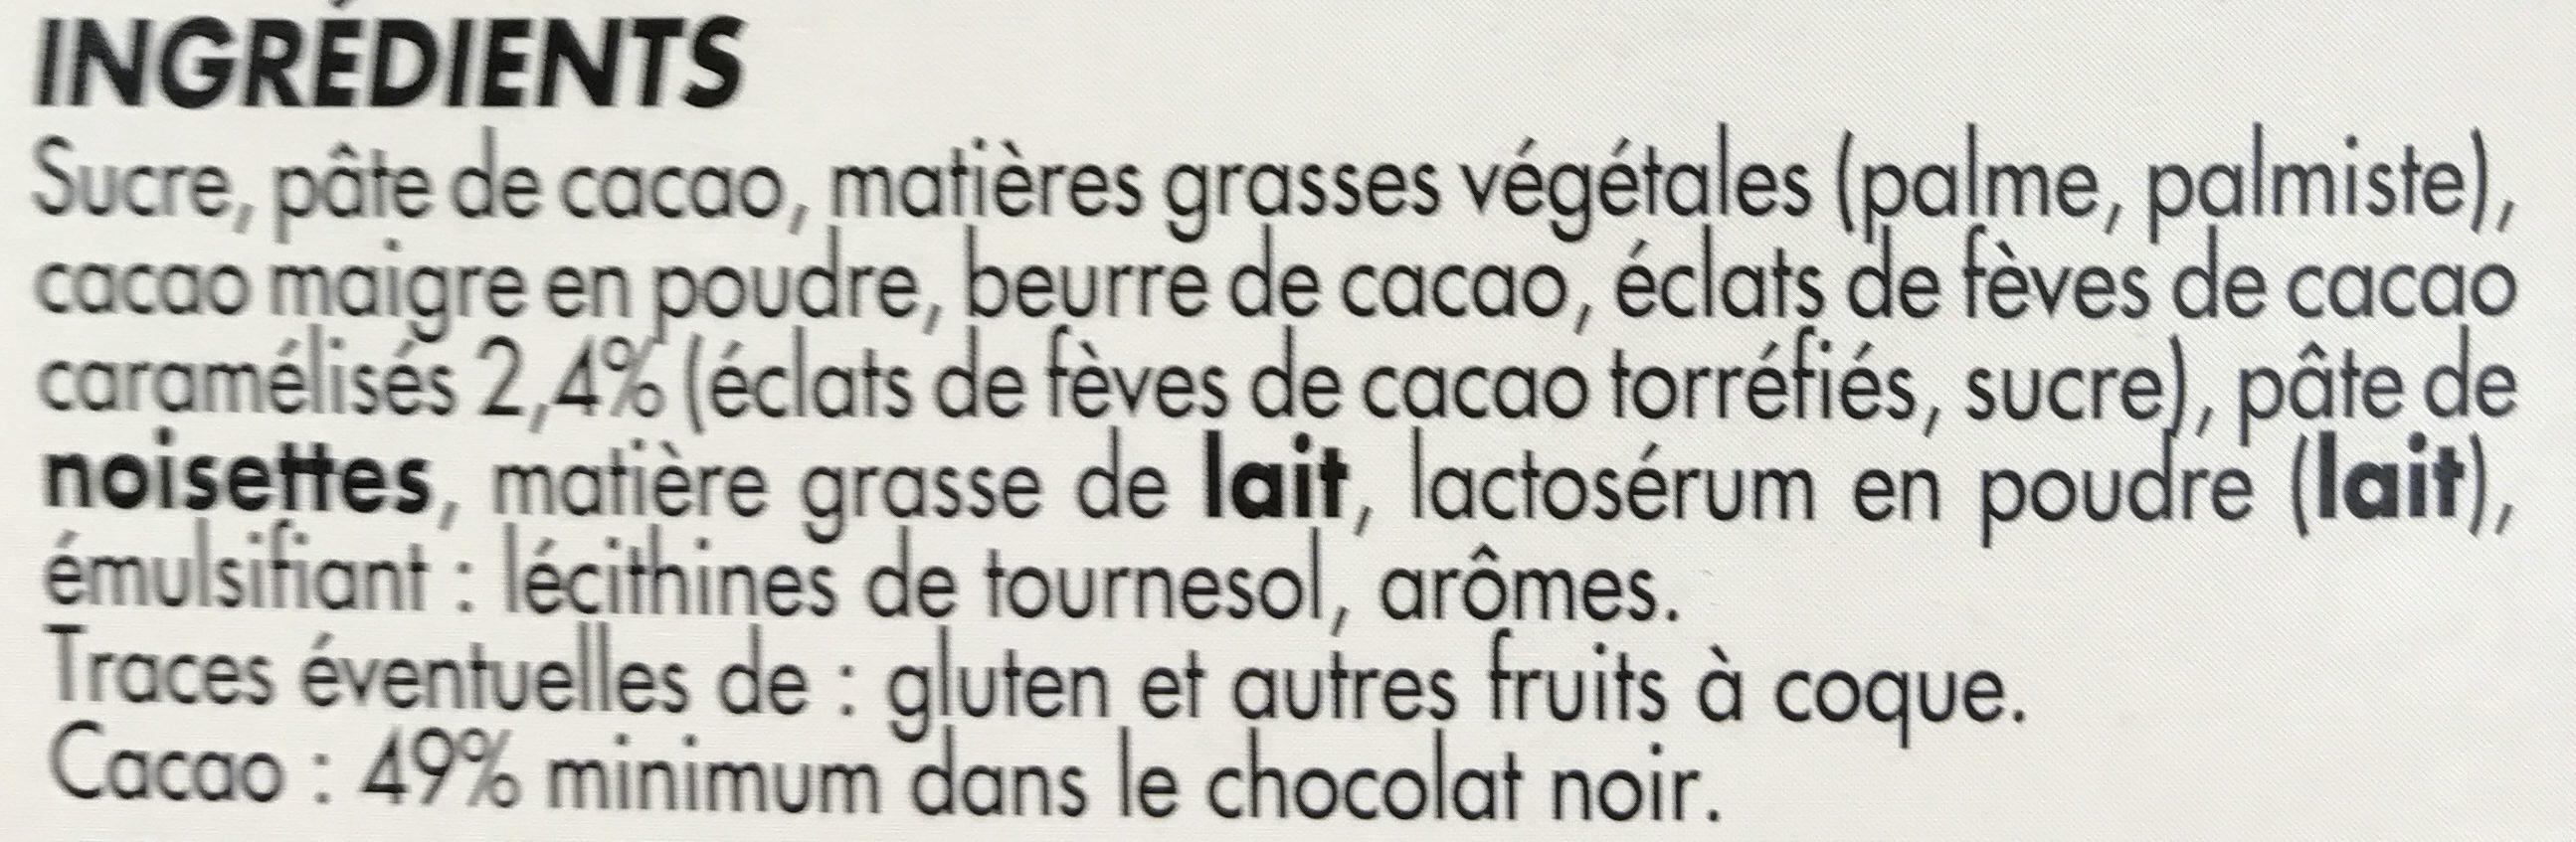 Chocolat noir fourré Truffe aux éclats de fèves de cacao - Ingredients